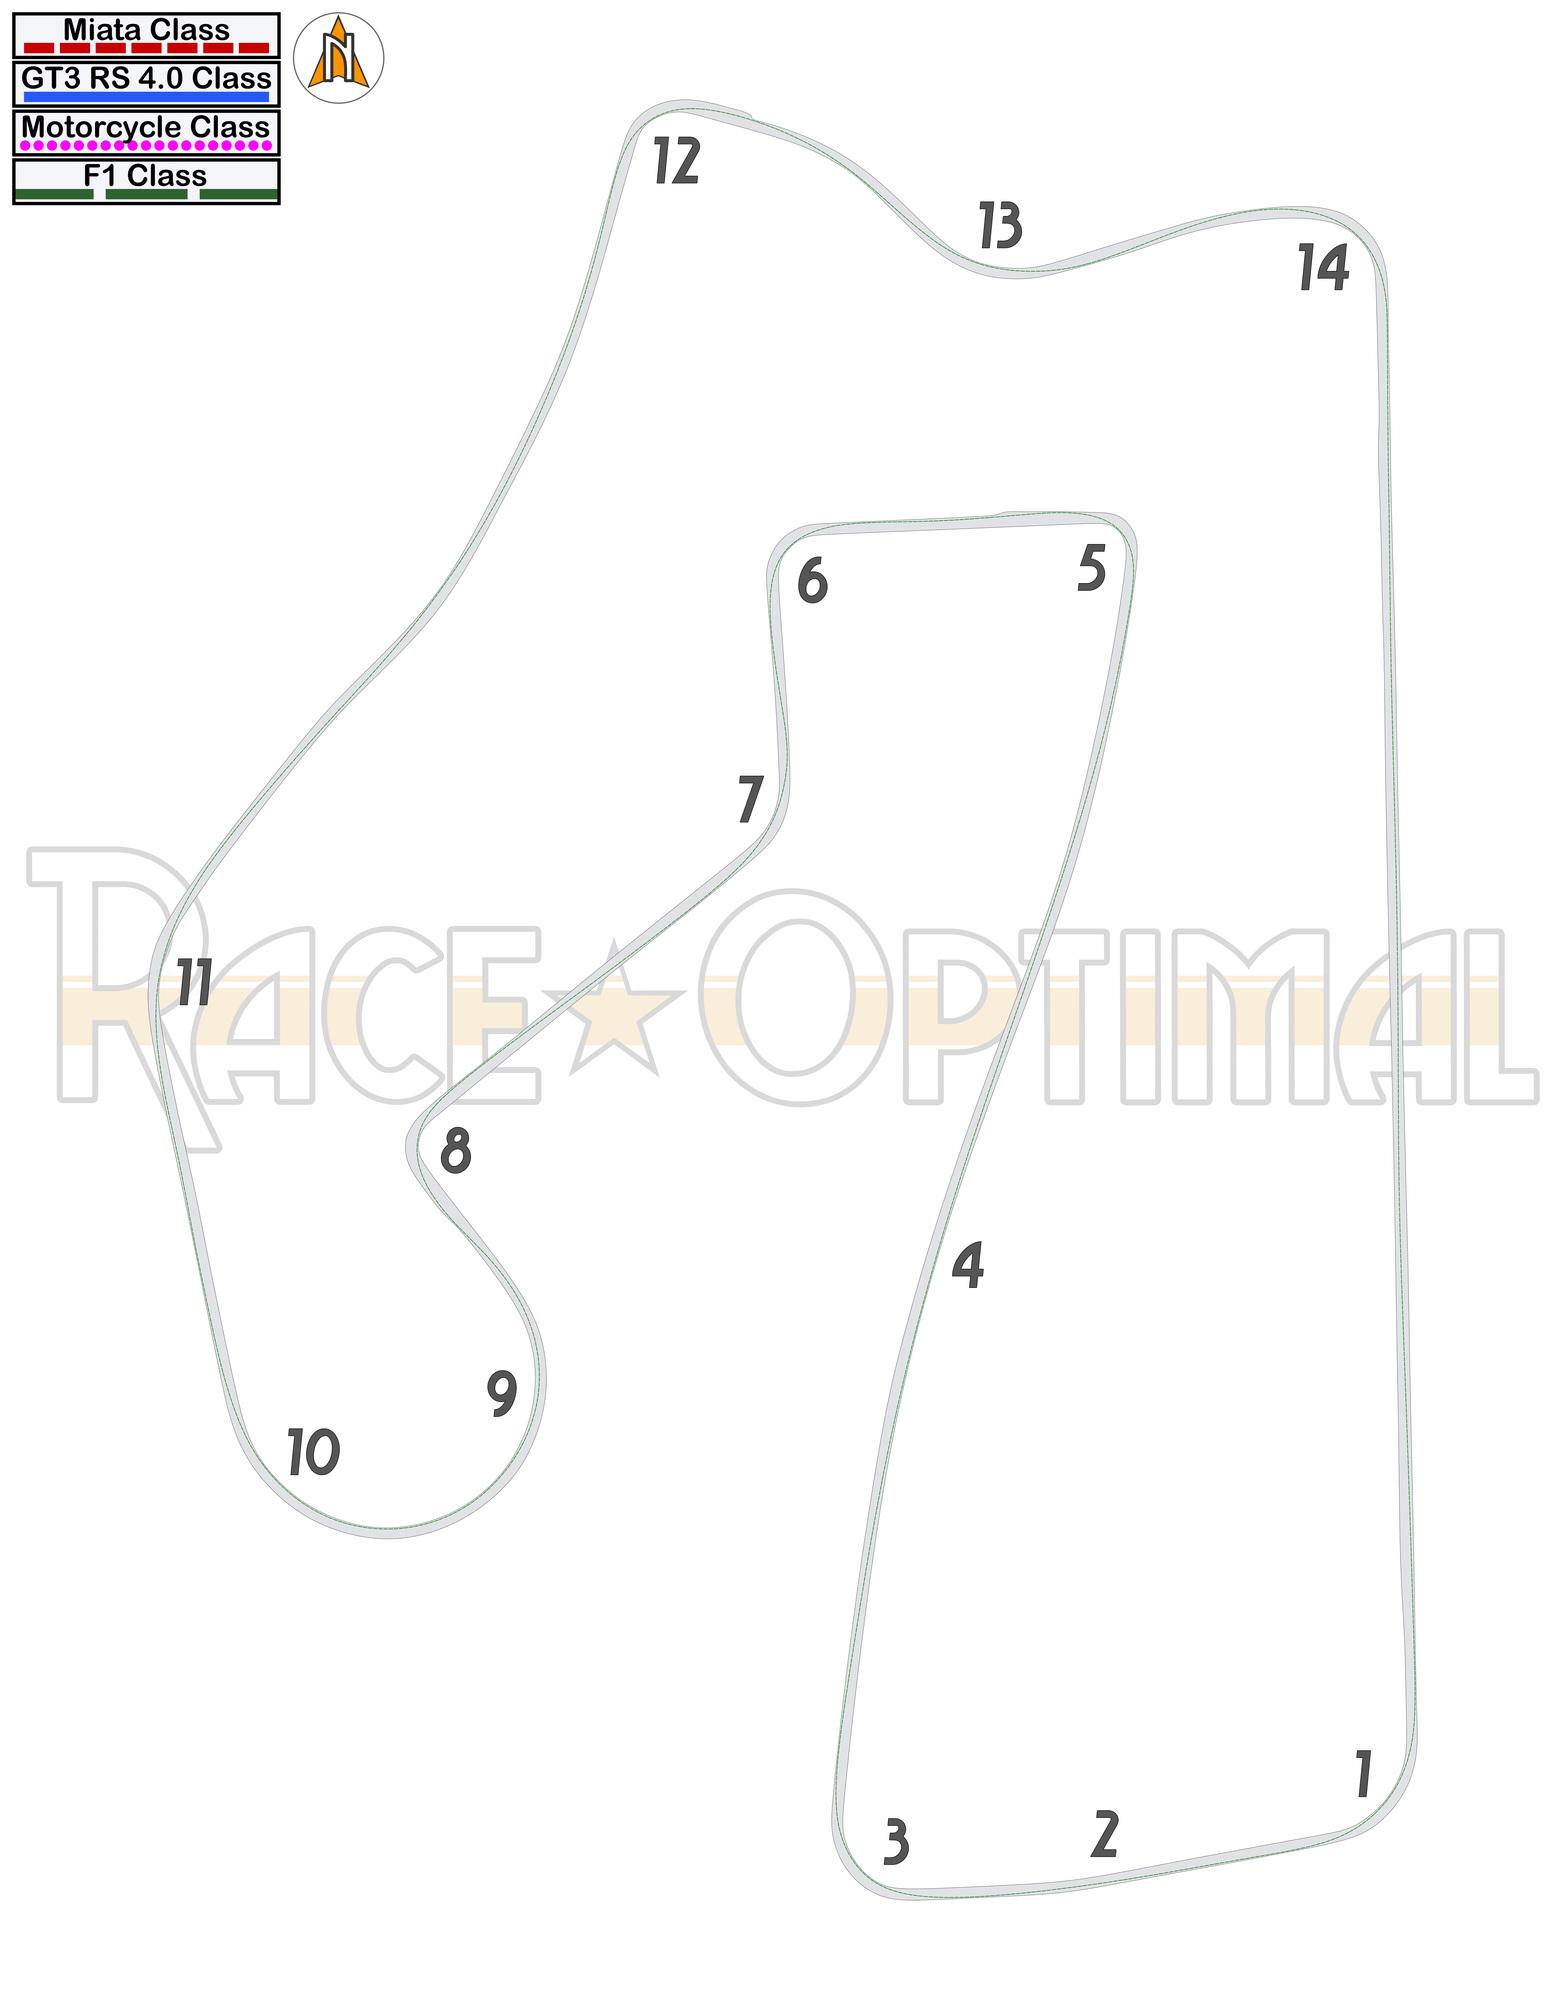 Racing Line Map at Road America